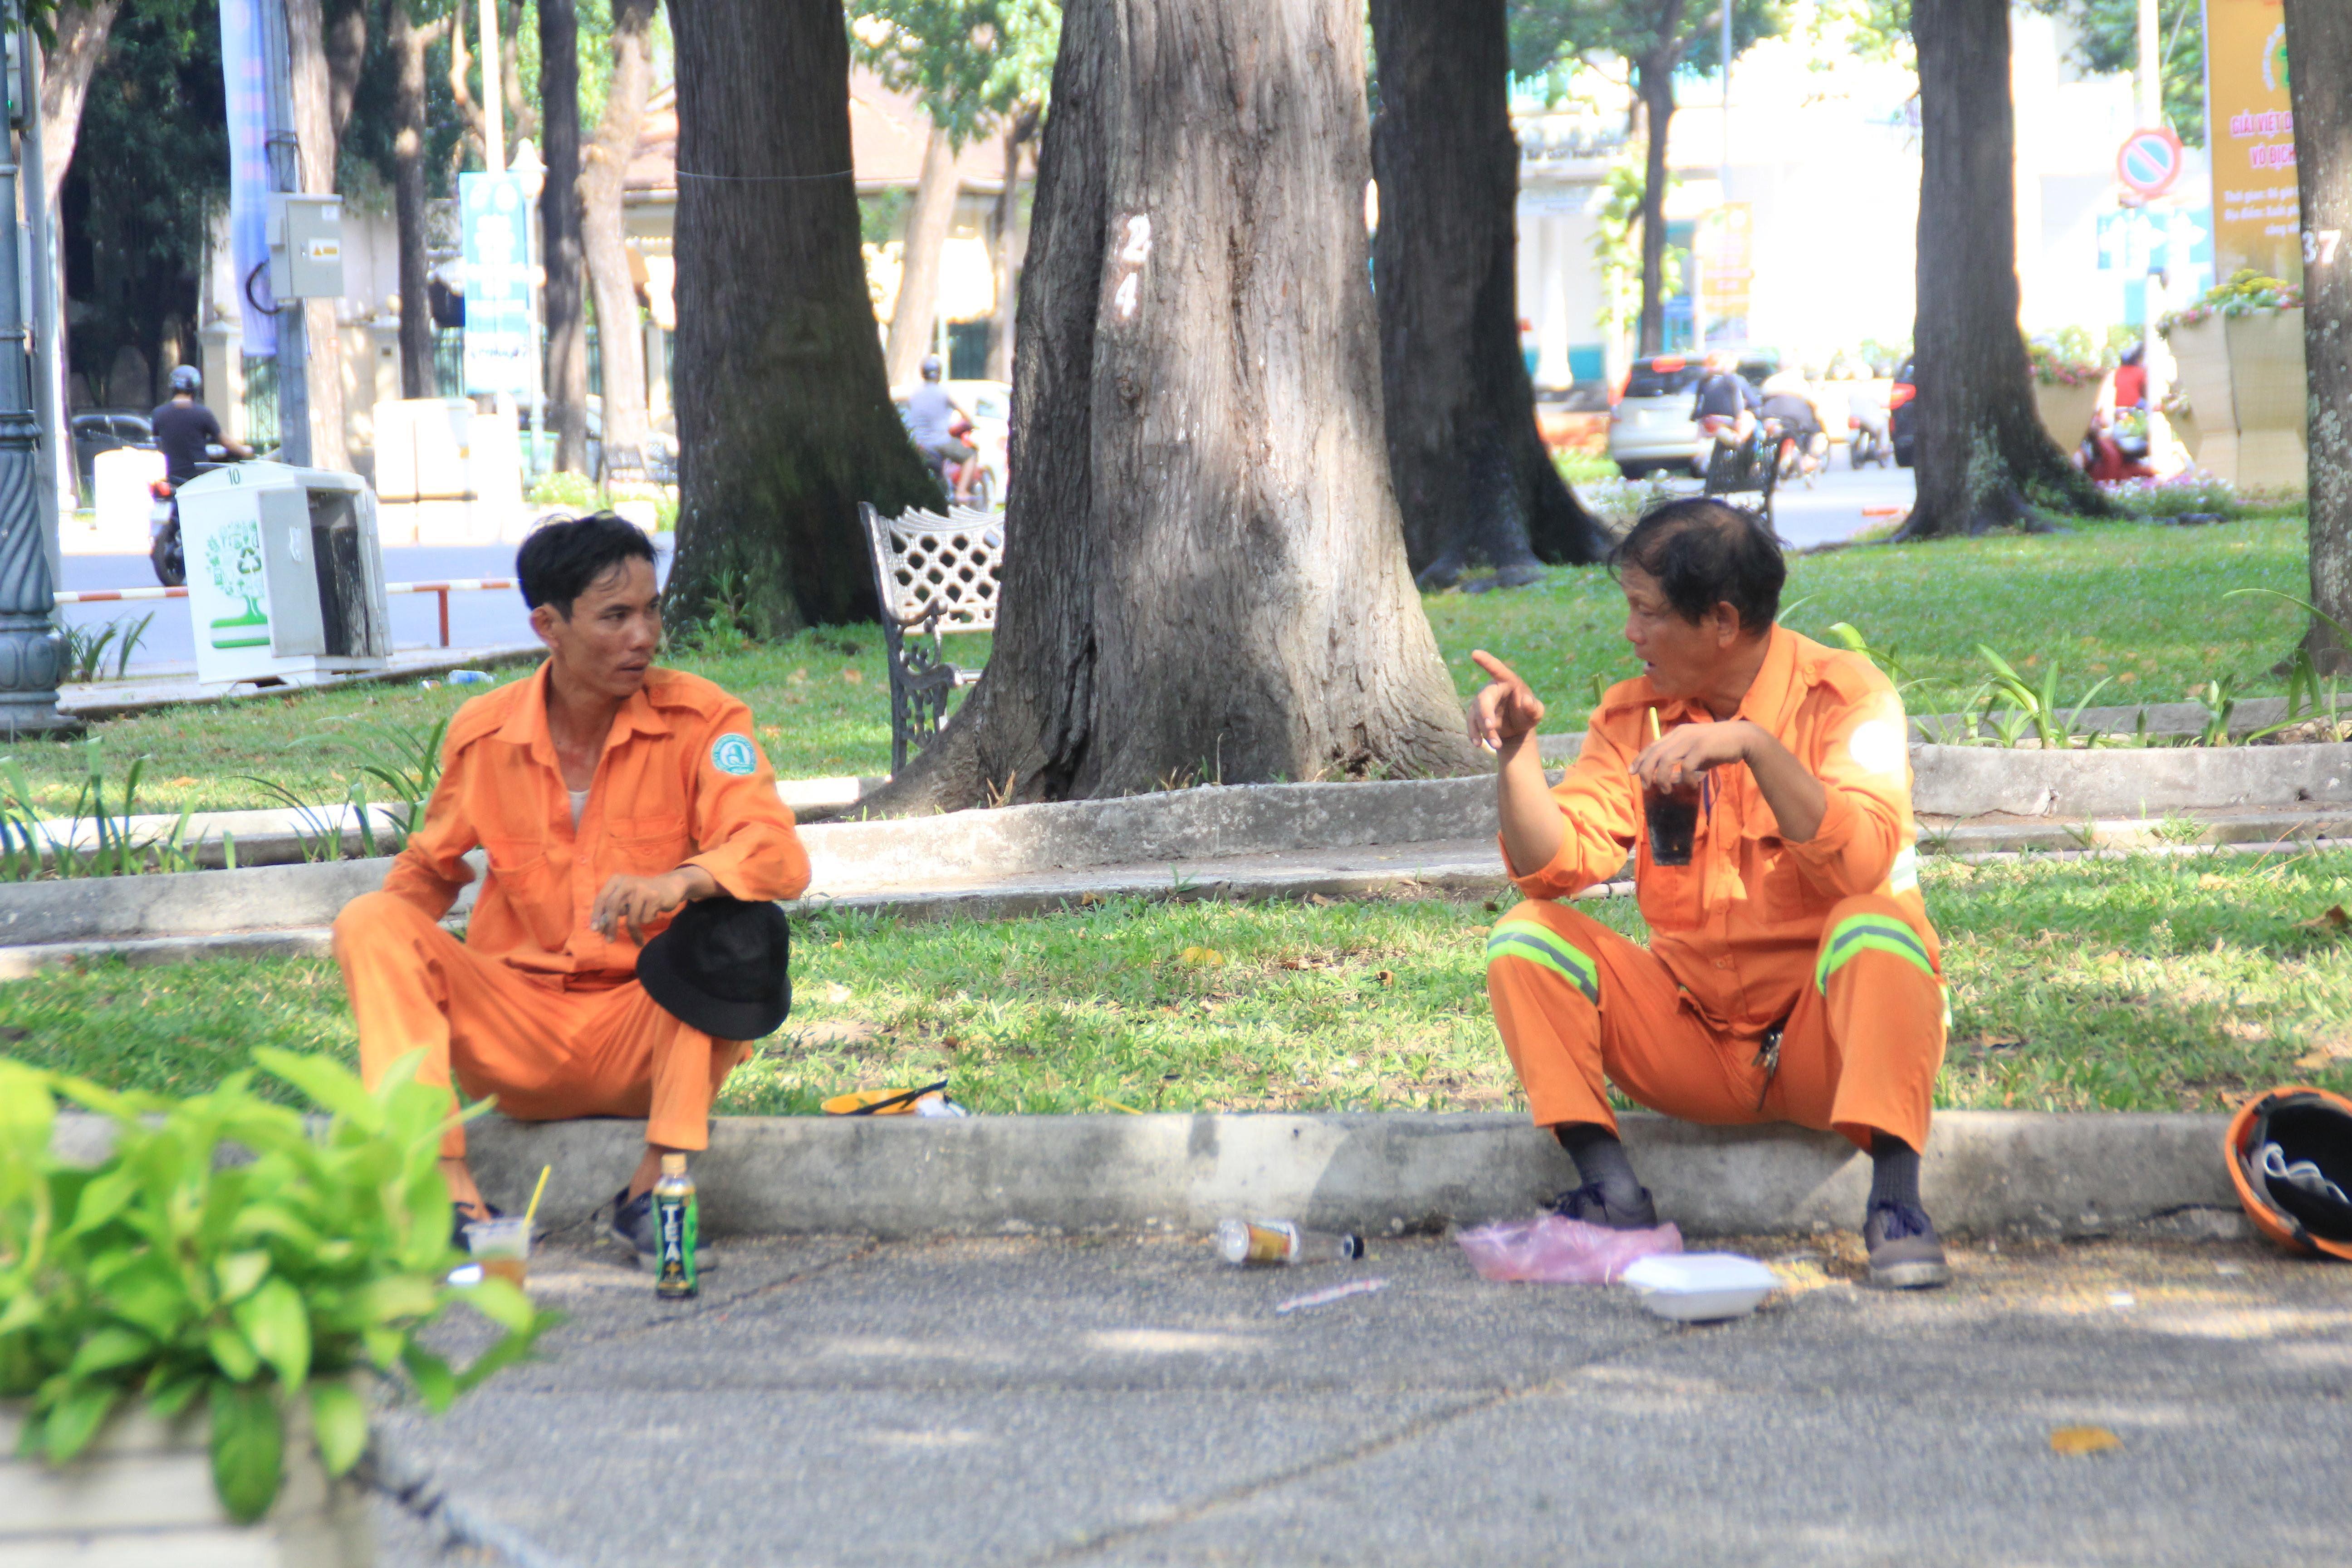 Khung cảnh yên ả ở Sài Gòn ngày đầu kỳ nghỉ lễ 30/4 và 1/5 Ảnh 8